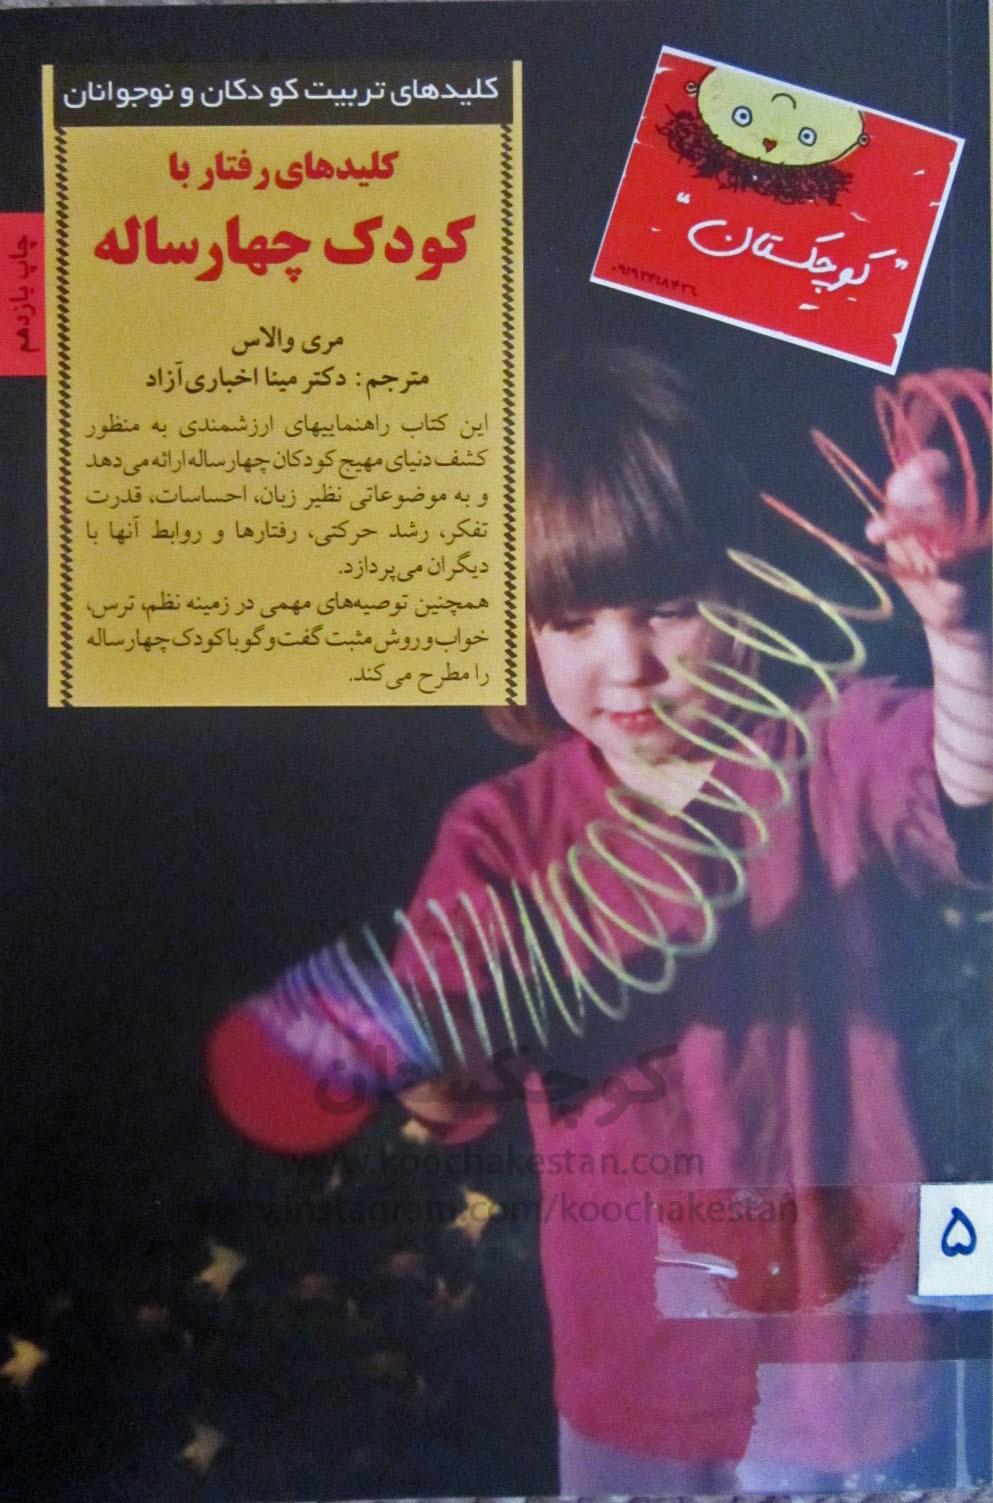 کلیدهای رفتار با کودک 4 ساله - کتابخانه کودک - کوچکستان